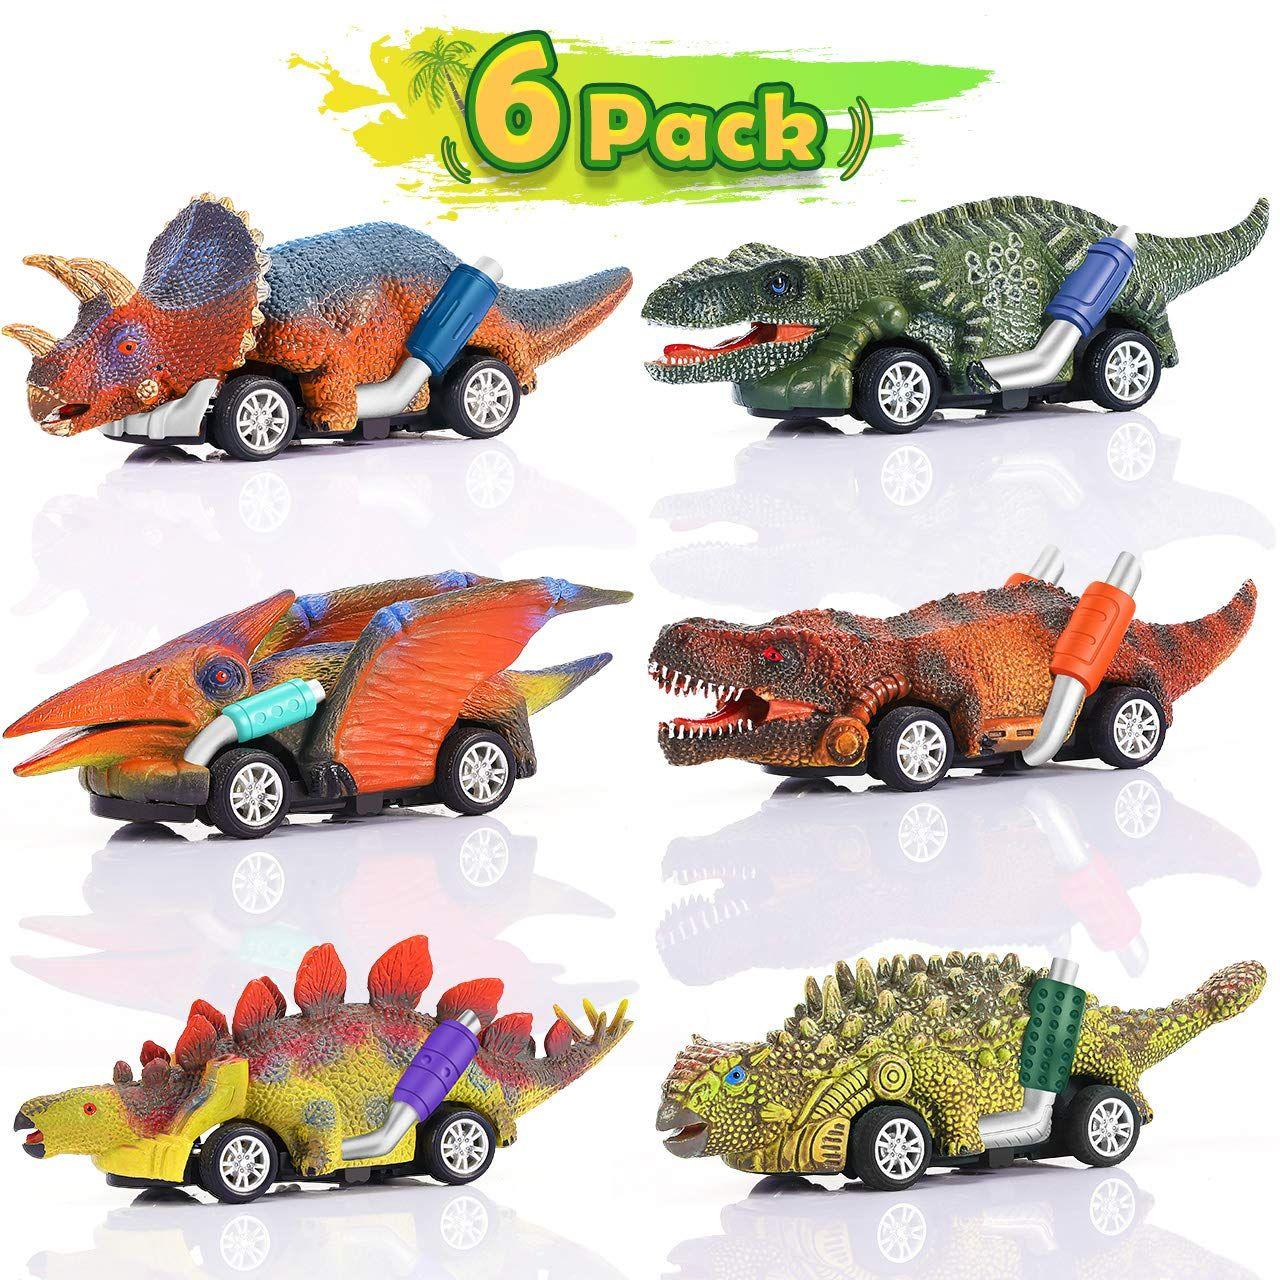 Atopdream Juguetes Niños 2 8 Años Juegos Niños 2 3 4 5 Años Dinosaurio Juguete Coche Regalos Niños 2 3 4 5 6 Dinosaurios Juguetes Regalos Para Niños Juguetes